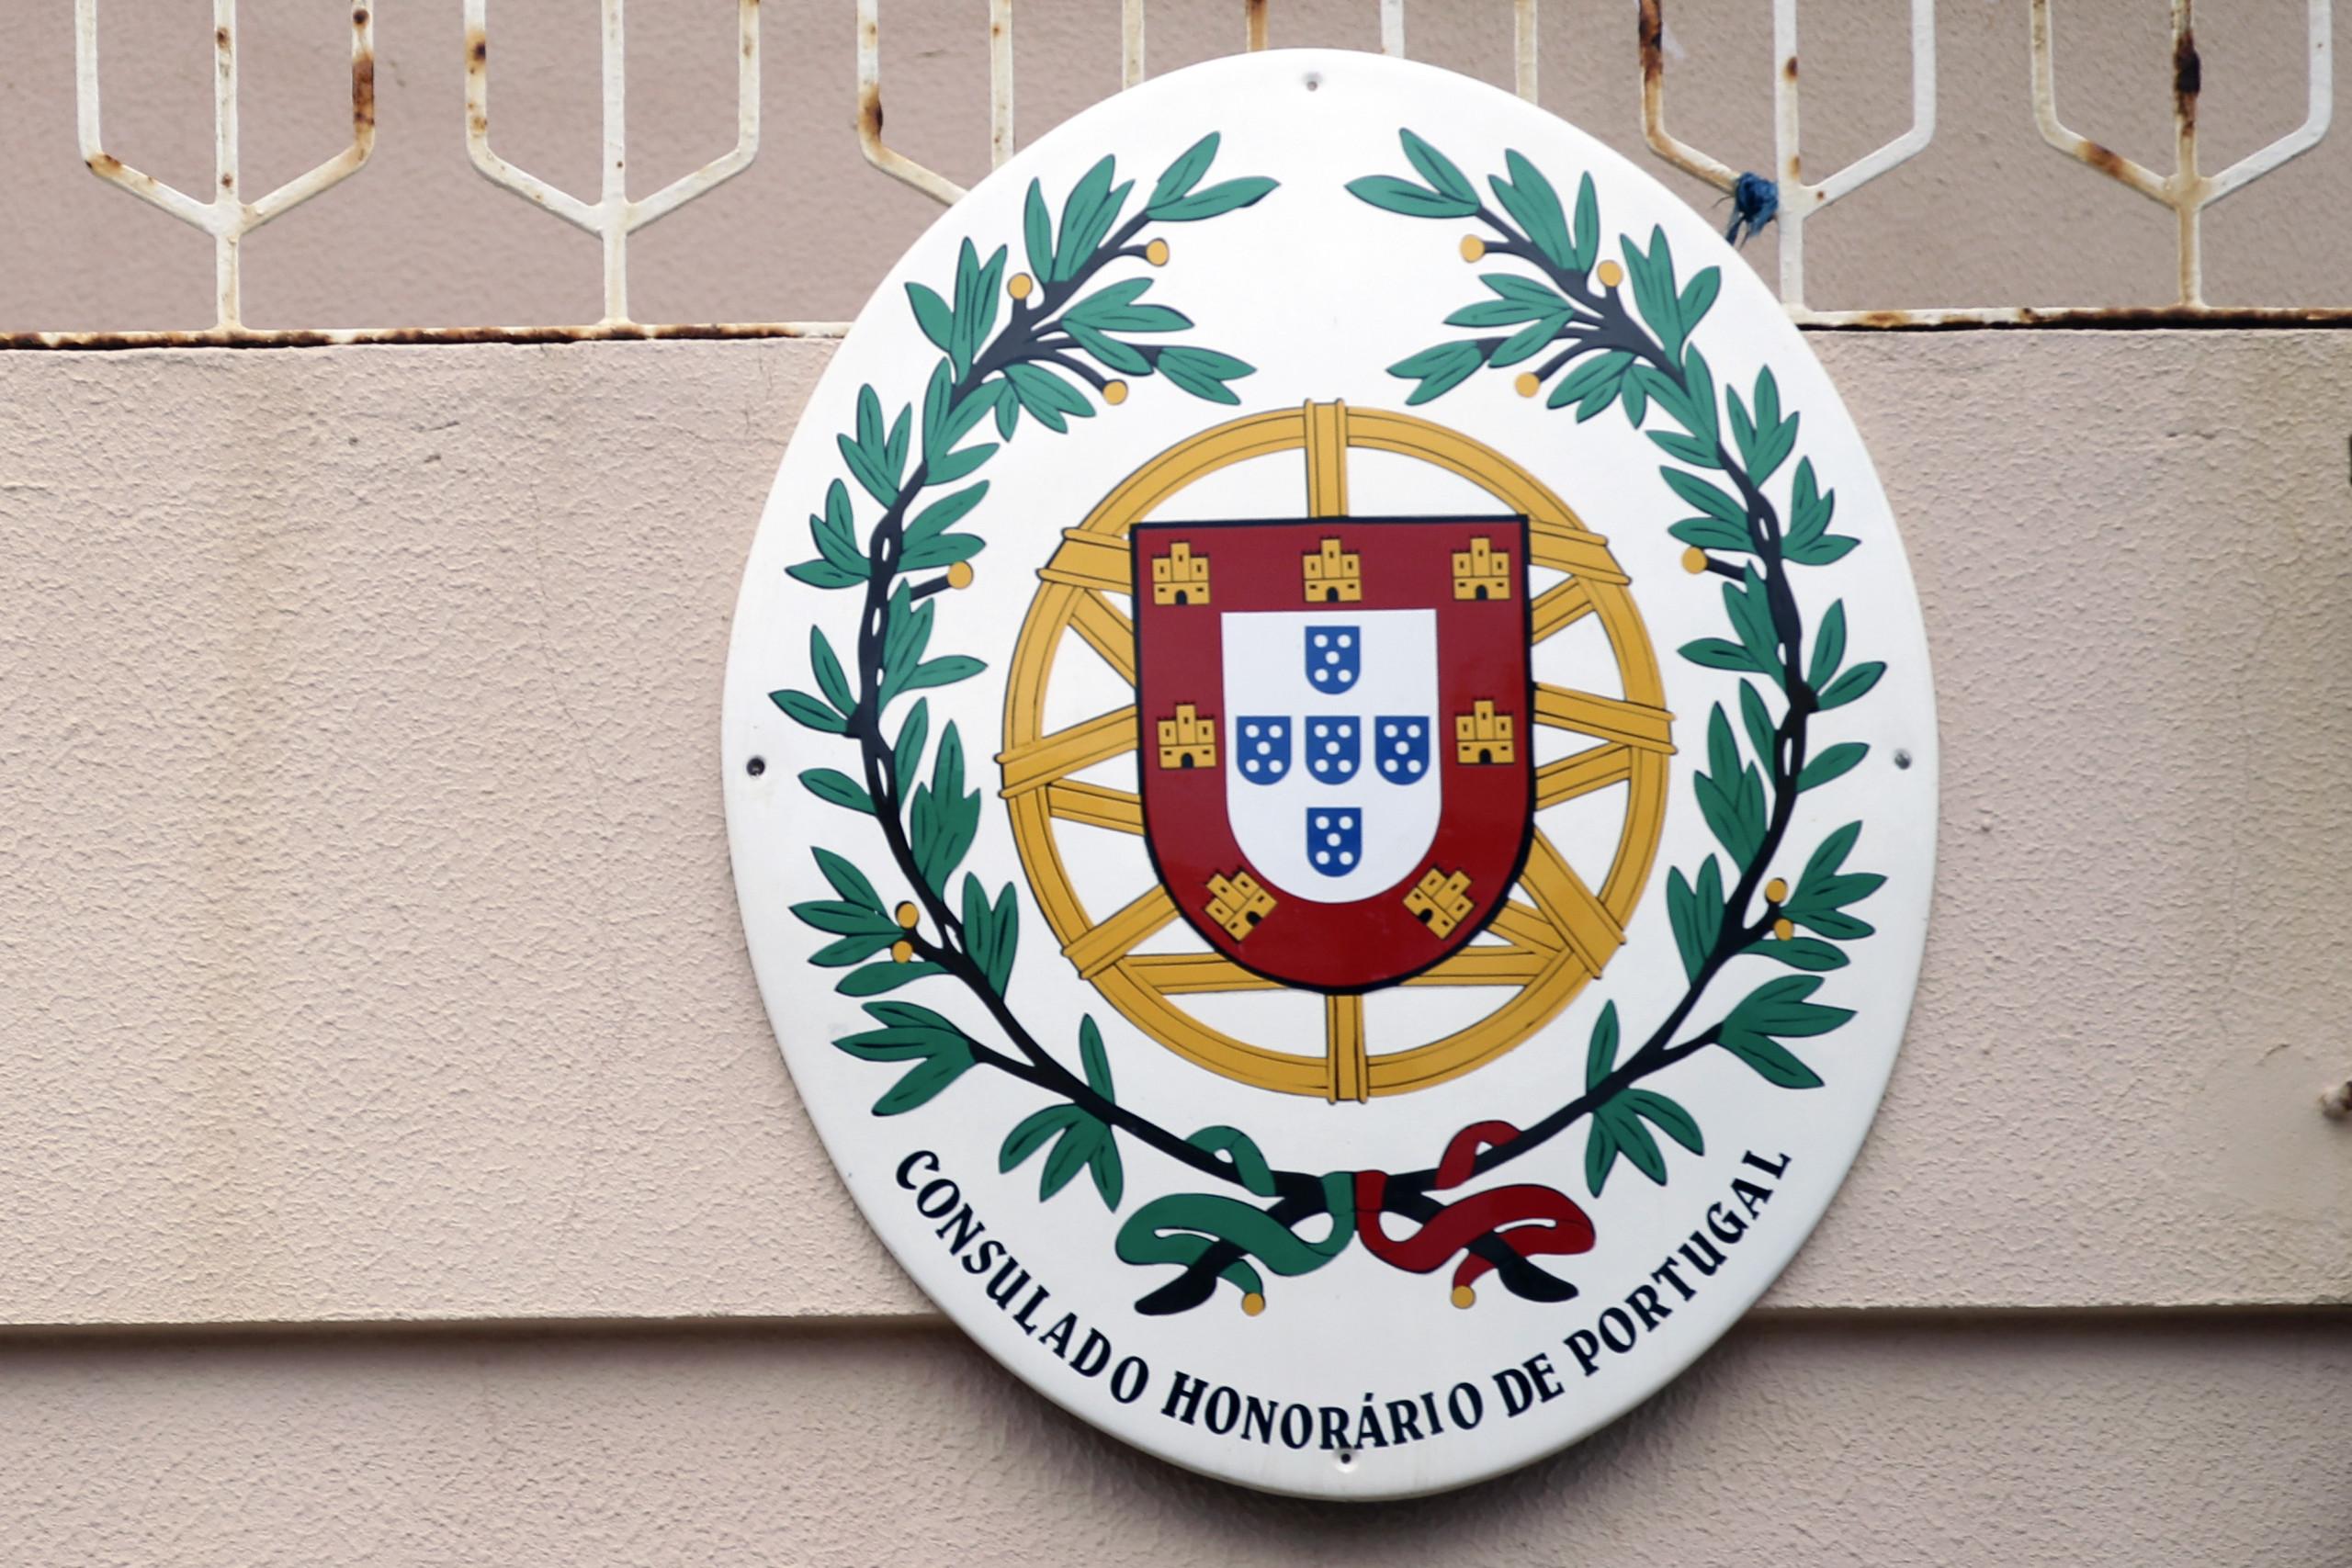 Governo reforça rede externa com mais 89 trabalhadores até final do ano